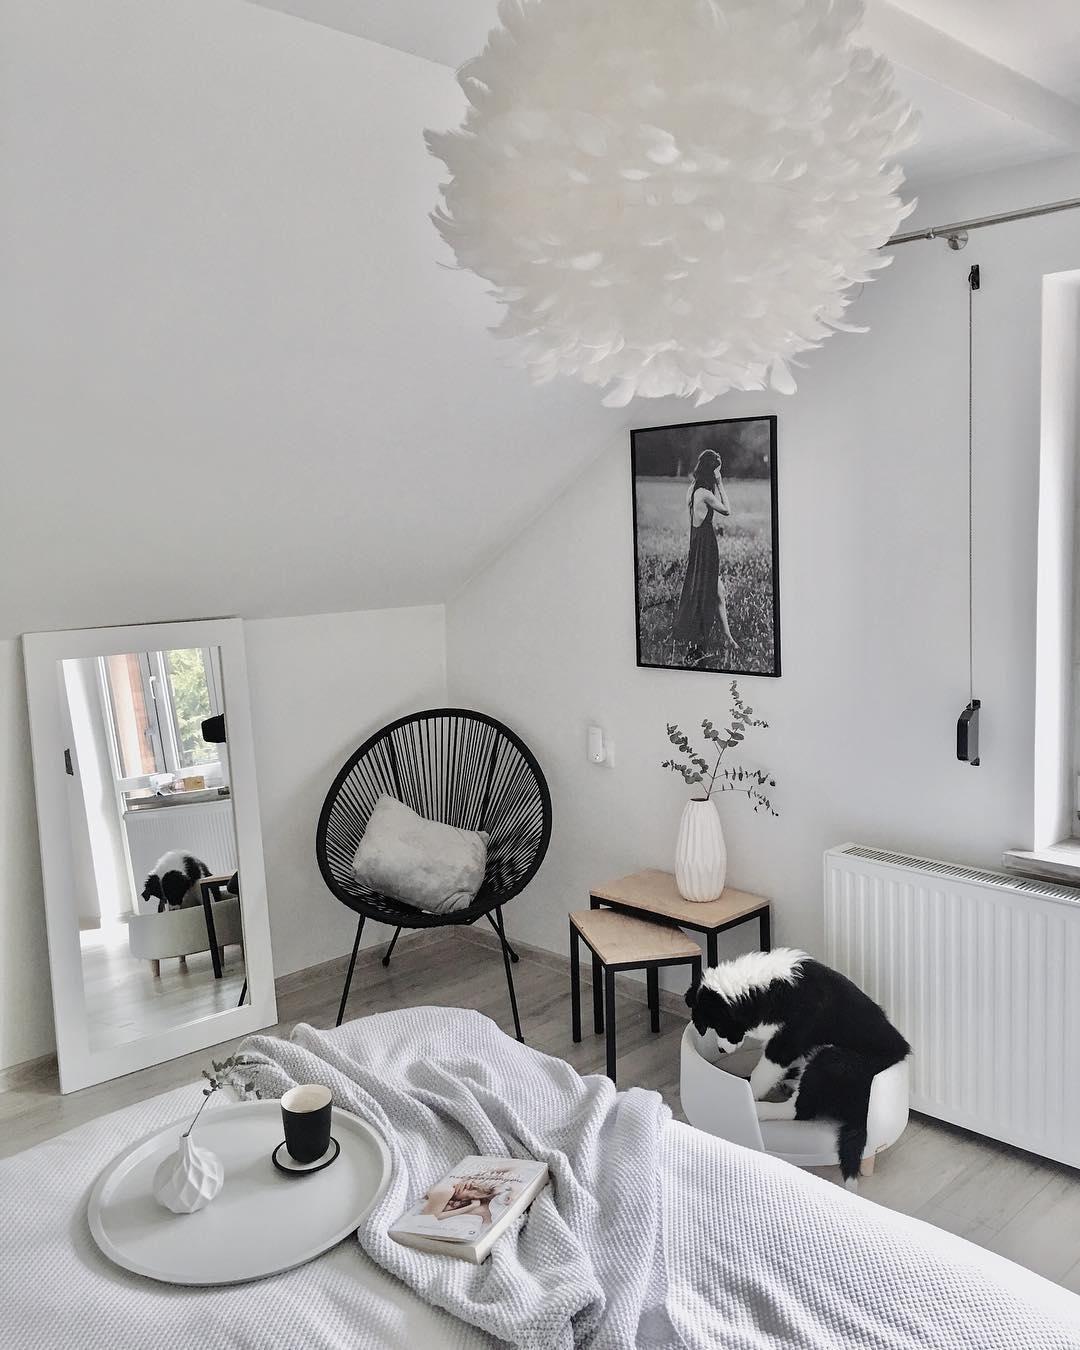 Just relax! Das ist hier absolut kein Problem. Der Sessel Mezcal ist nicht nur super bequem, sondern auch noch ein wahres It-Piece. Unser Tipp: Mit einem Kissen oder Fell lässt es sich darauf noch gemütlicher entspannen. // Schlafzimmer Ideen Sessel Bett Beistelltisch Hocker Spiegel Leuchte Bild Vase Zweige Skandinavisch Weiss #Schlafzimmer #SchlafzimmerIdeen #Sessel #Bett #Beistelltisch #Hocker #Spiegel #Leuchte #Bild #Vase #Zweige #Skandinavisch #Weiss @taannamadwochsynow #neuesdekor